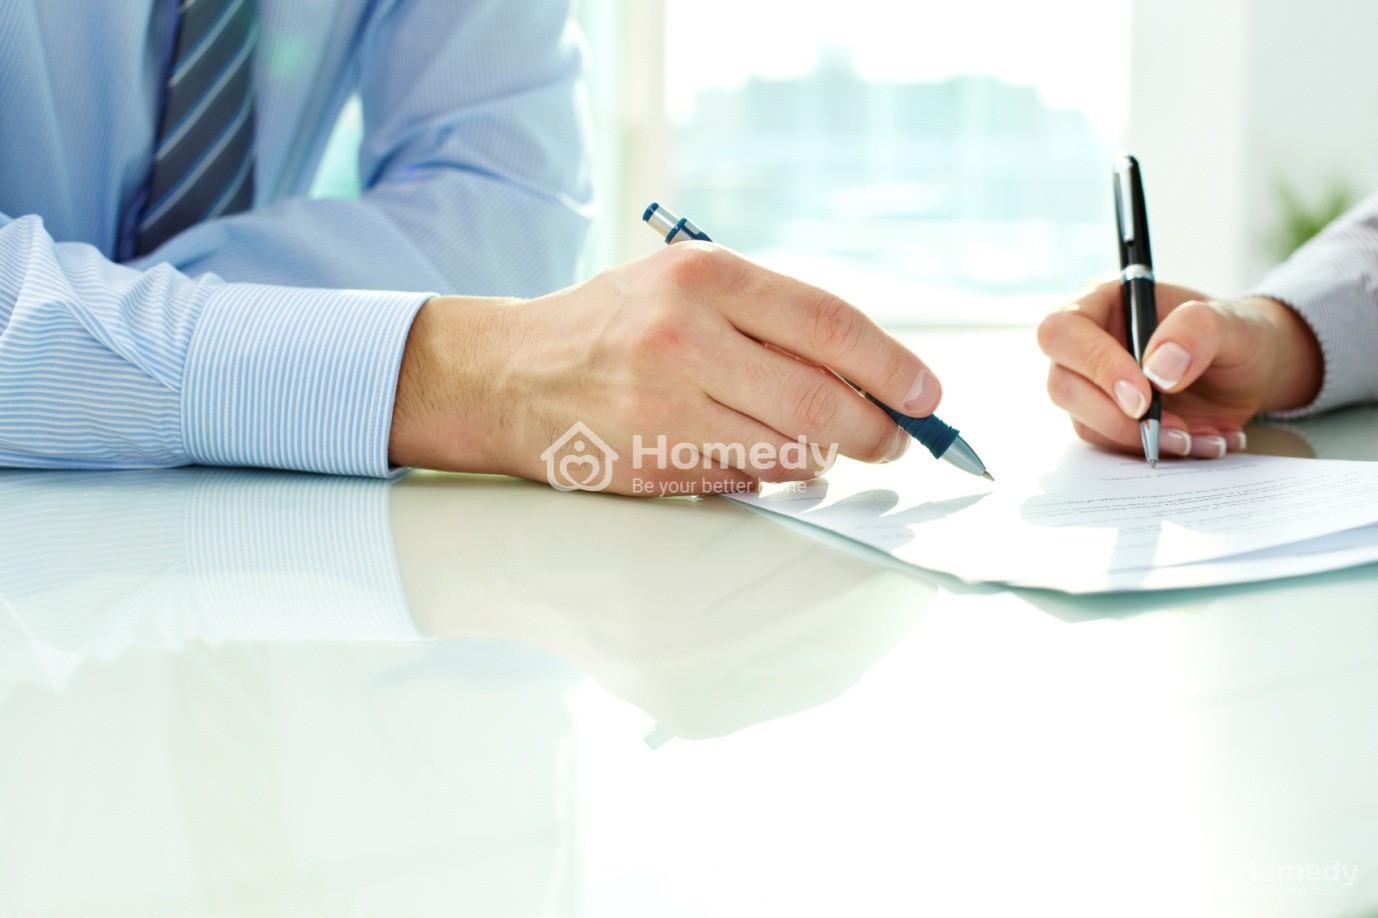 làm hợp đồng khi mua nhà đất